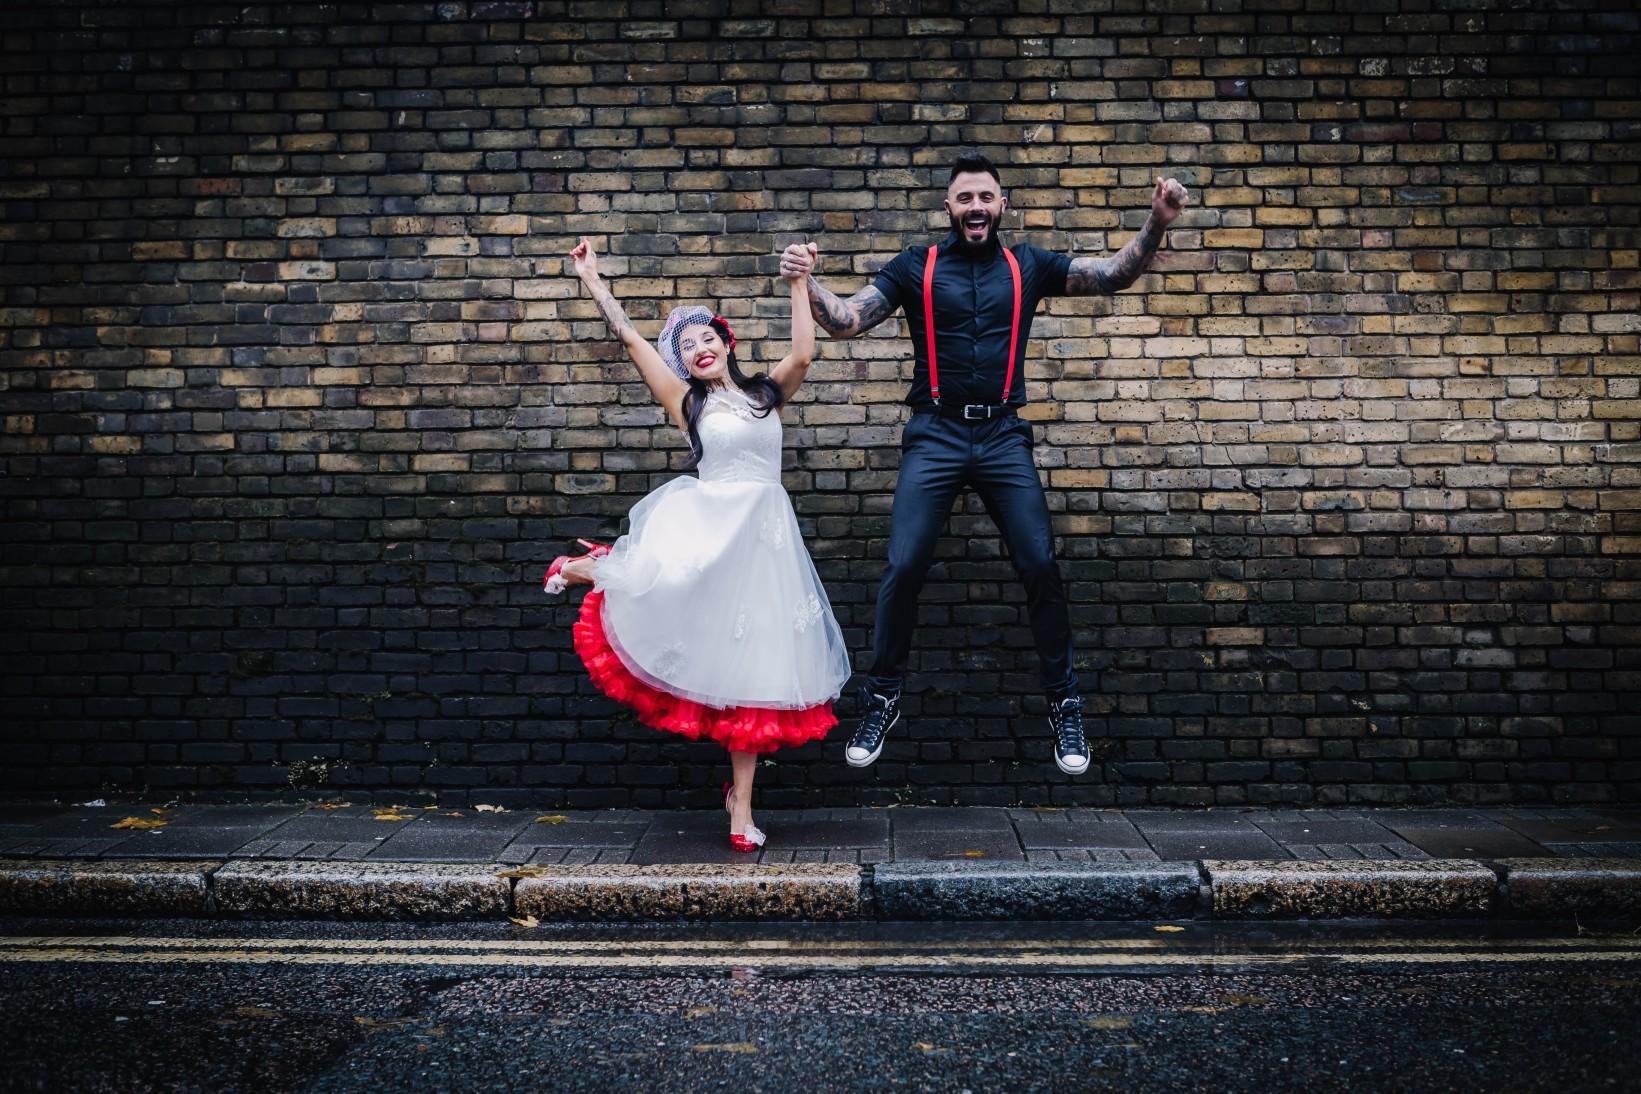 urban rockabilly wedding - east london wedding- urban wedding- rockabilly wedding- edgy wedding - retro wedding - alternative wedding- unconventional wedding- tattooed wedding- red wedding - retro wedding